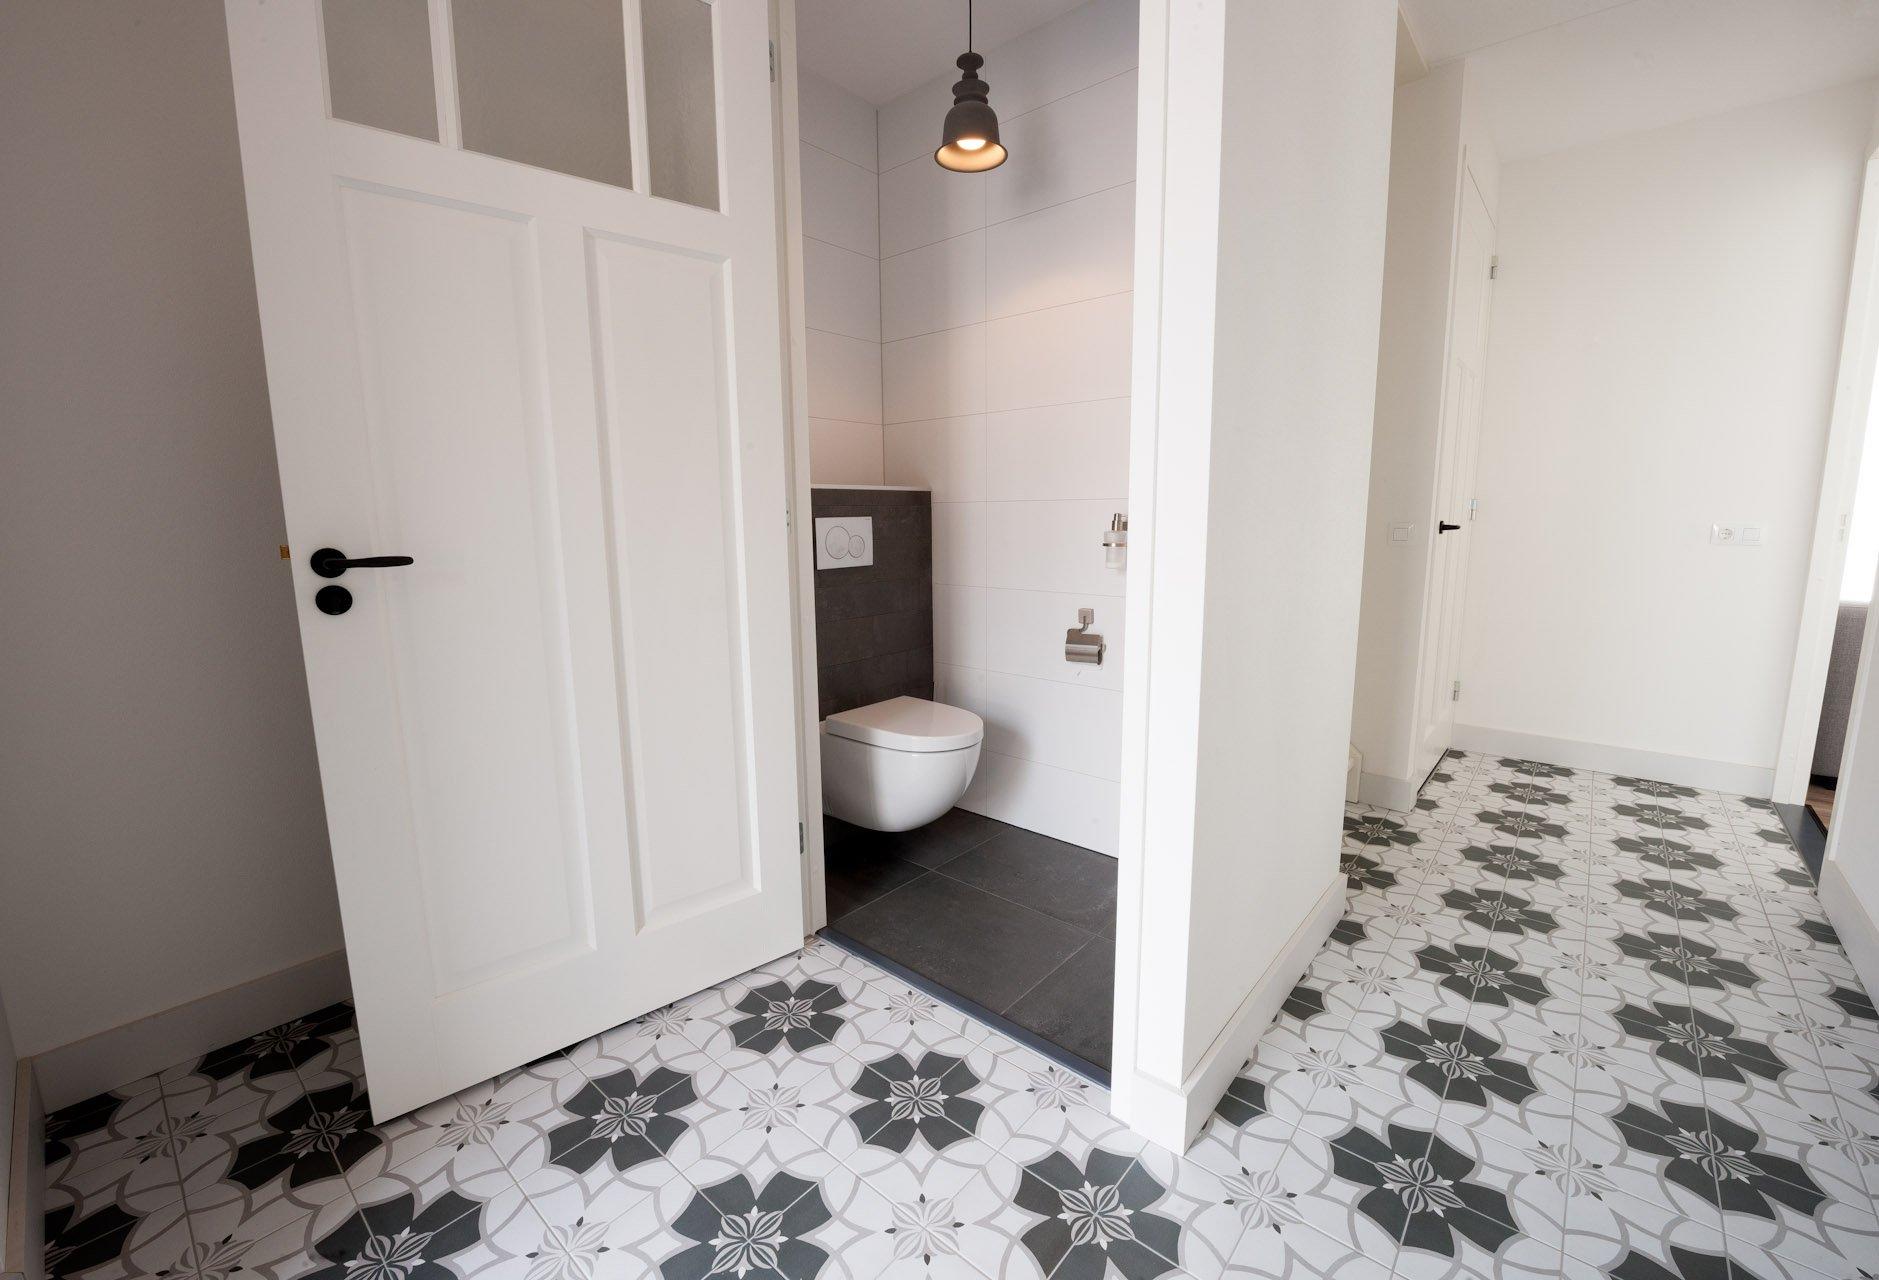 Marokkaanse Tegels Toilet : Portugese tegels hal